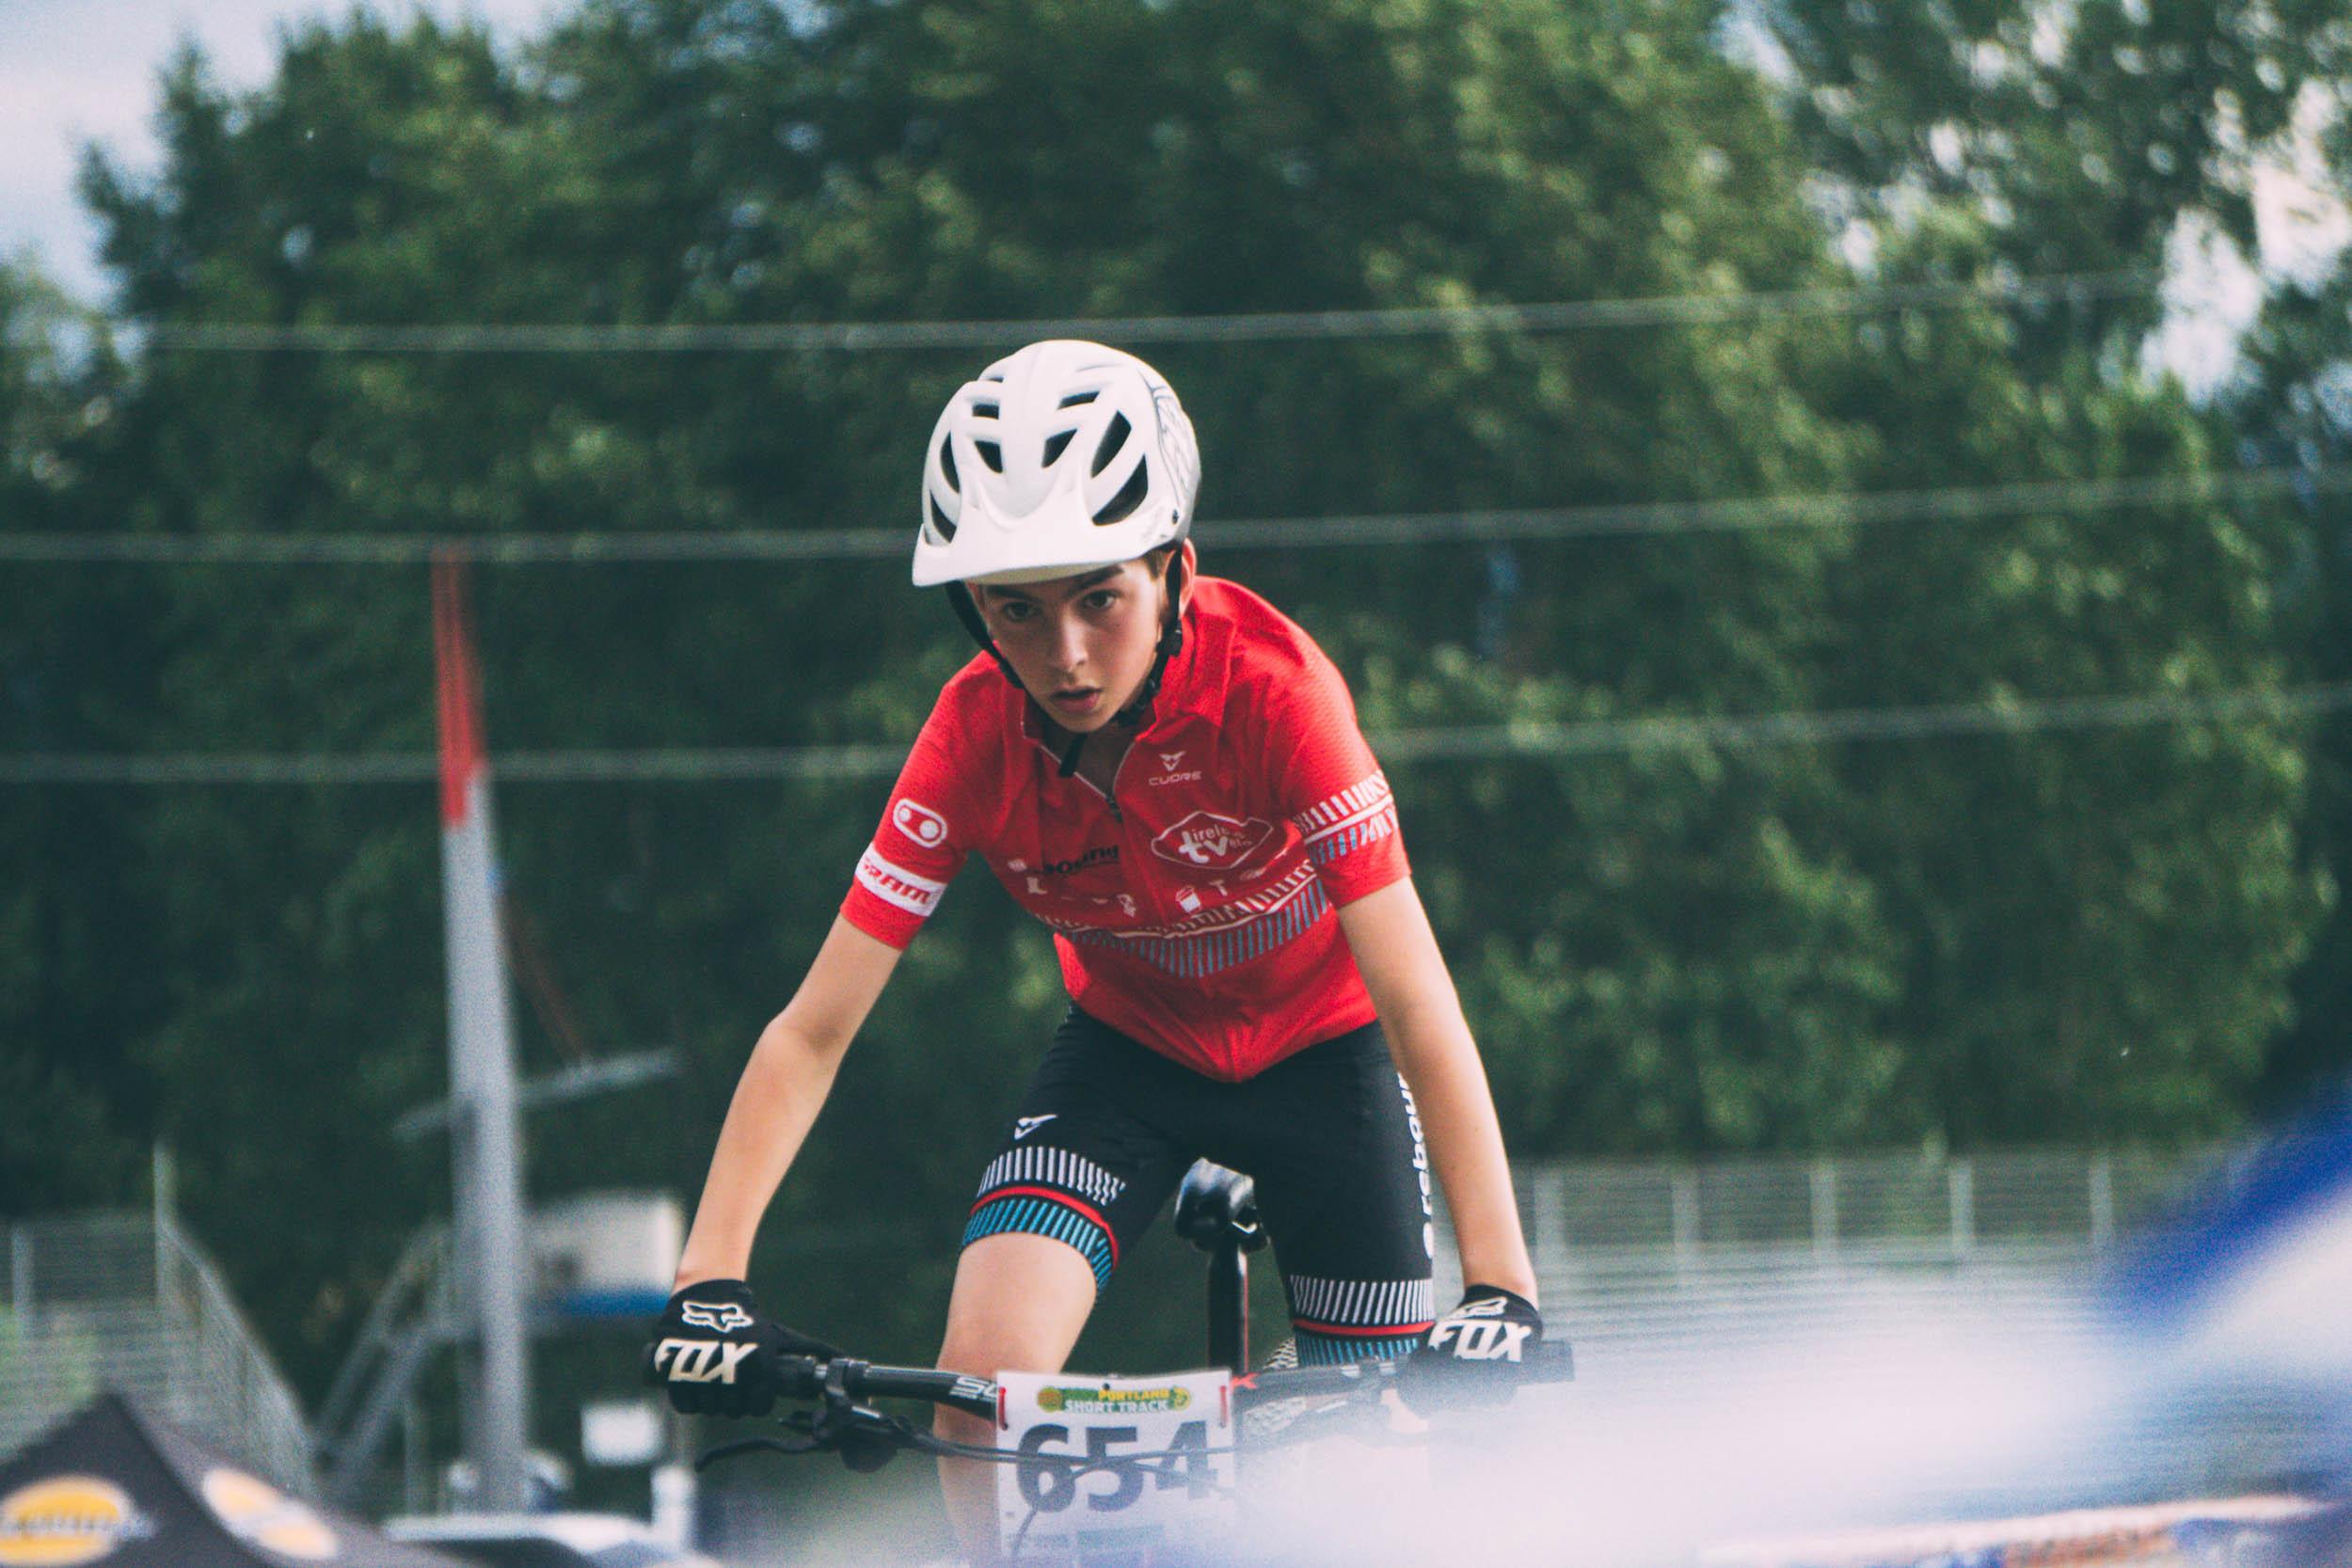 Short_Track_Race3_7.jpg